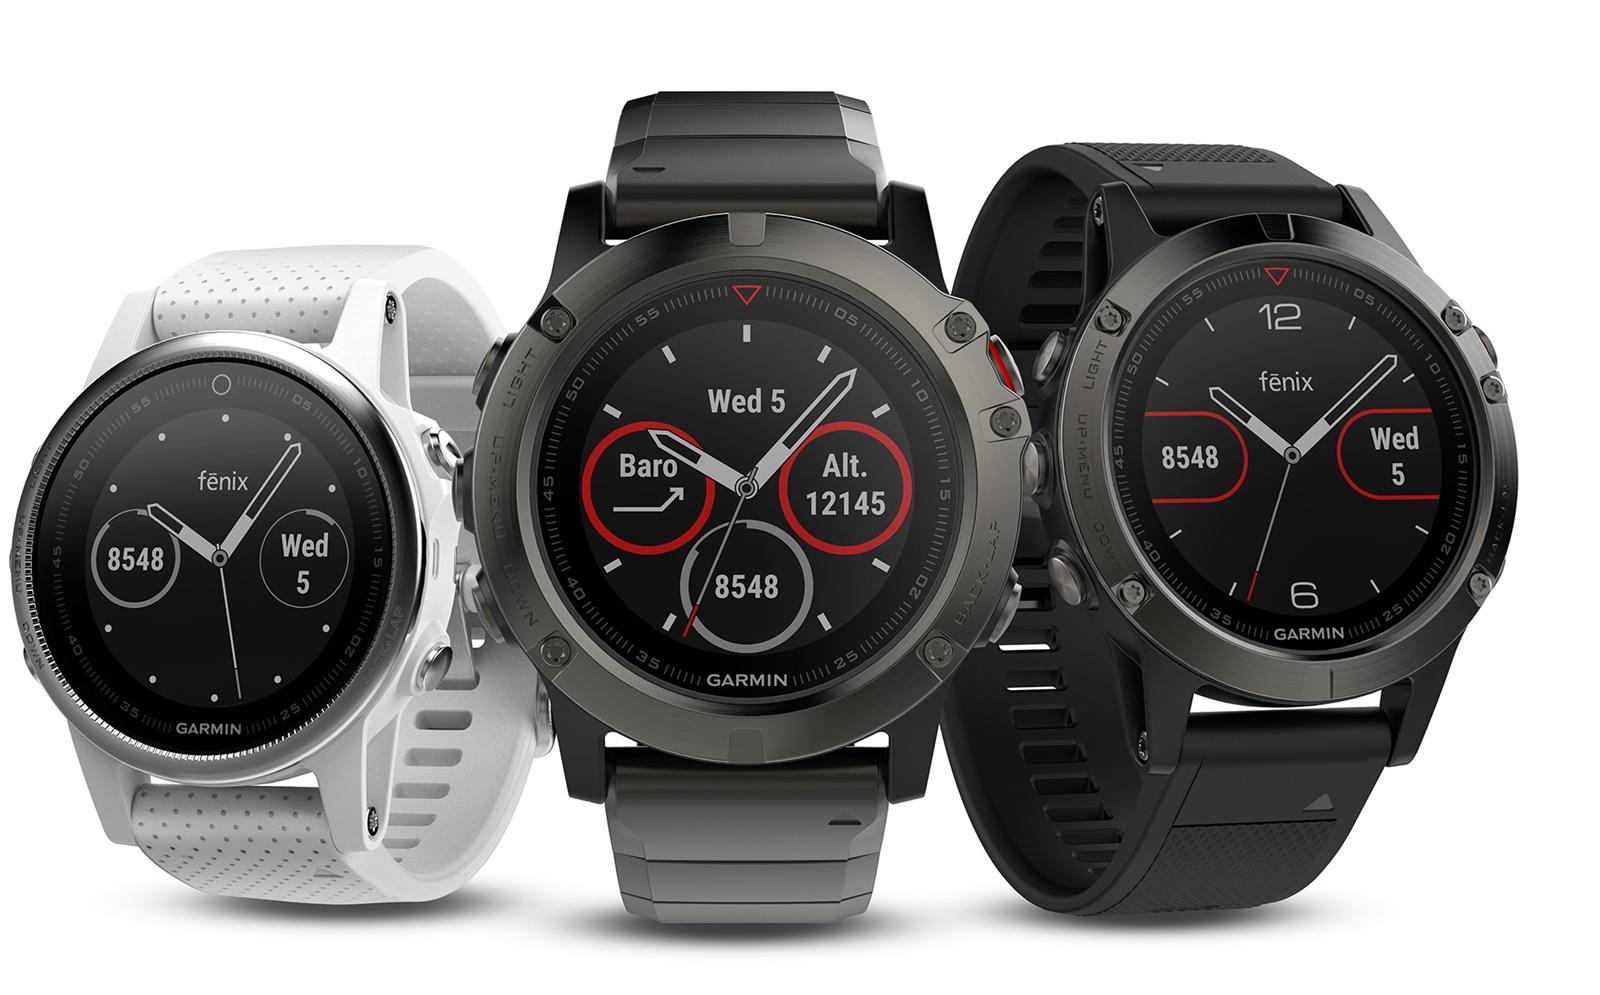 Garmin Malaysia, AECO Technologies, Garmin wearables, Fenix 5 Series, Fenix 5, Fenix 5 Sapphire, Fenix 5S, Fenix 5S Sapphire, Fenix 5X, multisport watches, waterproof wearable, waterproof fitness tracker, heart rate tracker,